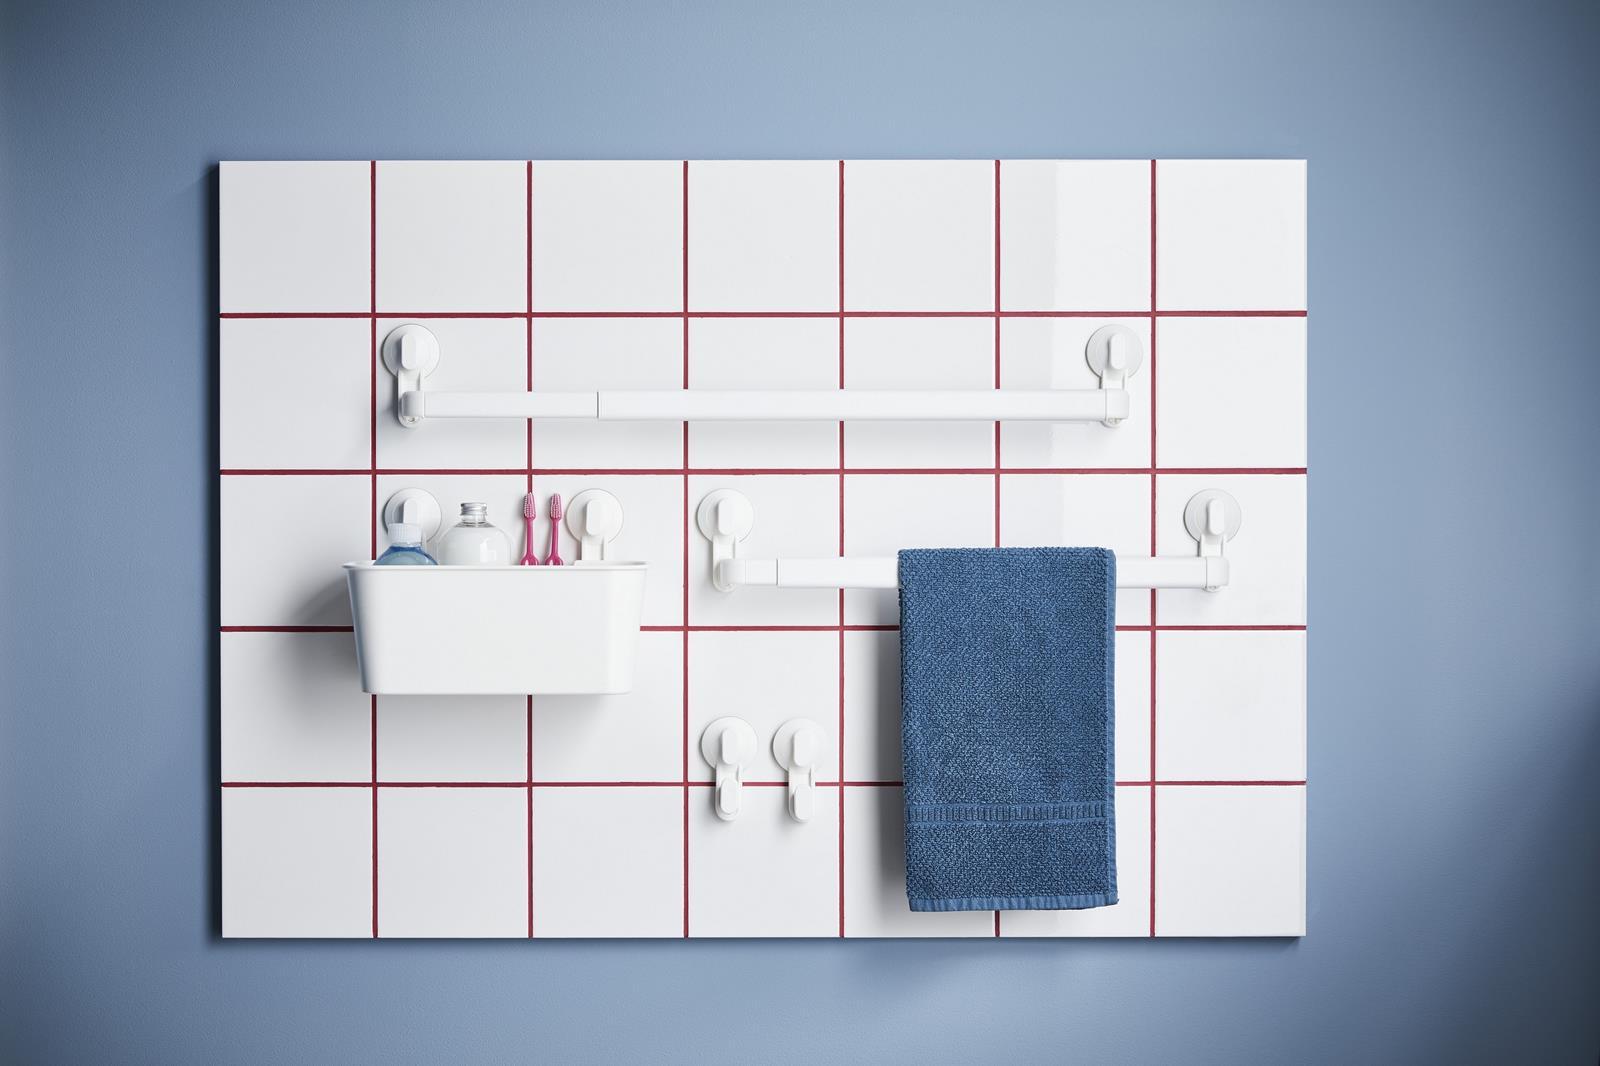 Ikea catologo 2019 sfoglialo su fashion times fashion times - Ikea napoli catalogo ...